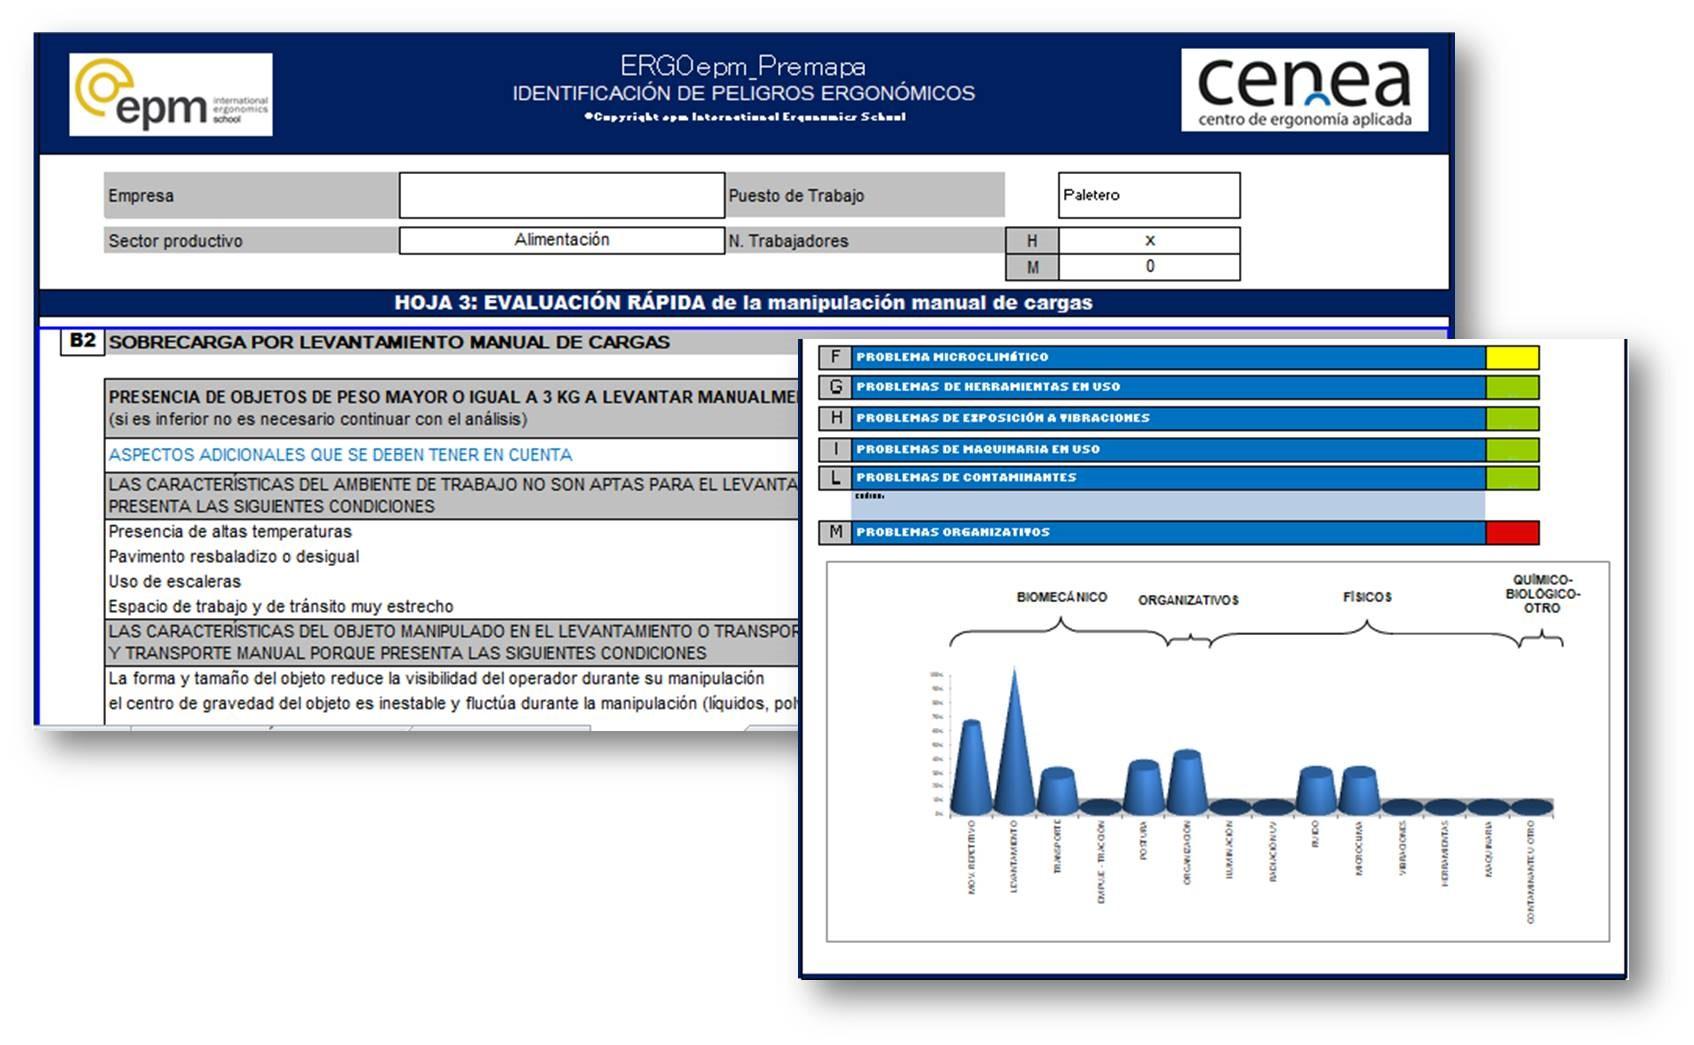 Software ergonomia para medicos ocupacionales